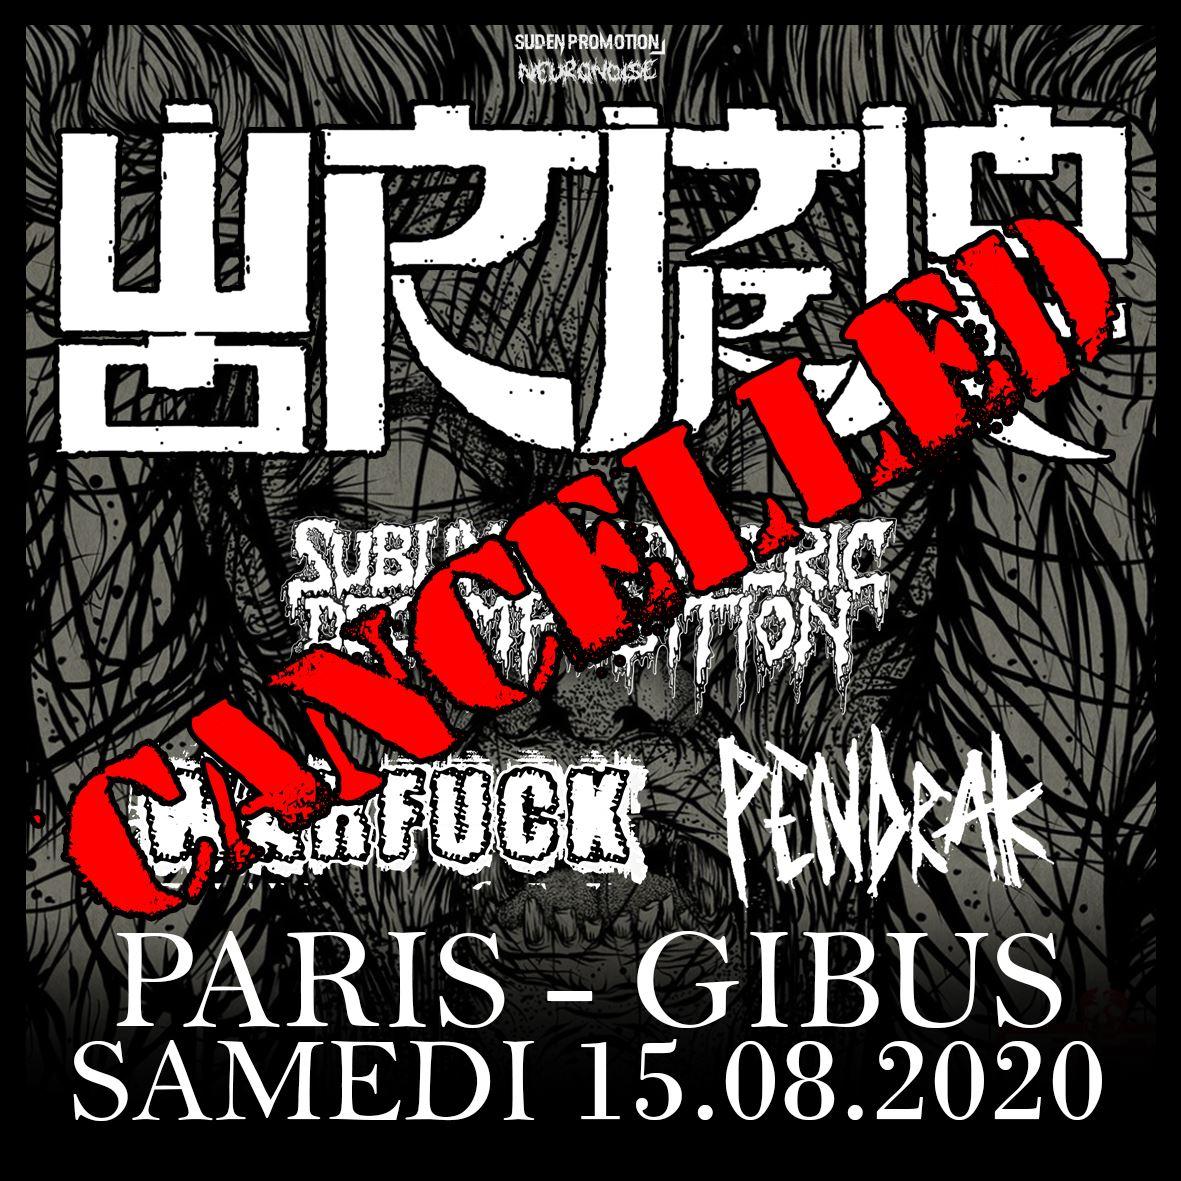 Concert de Wormrot, Sublime Cadaveric Decomposition, Pendrak au Gibus à Paris